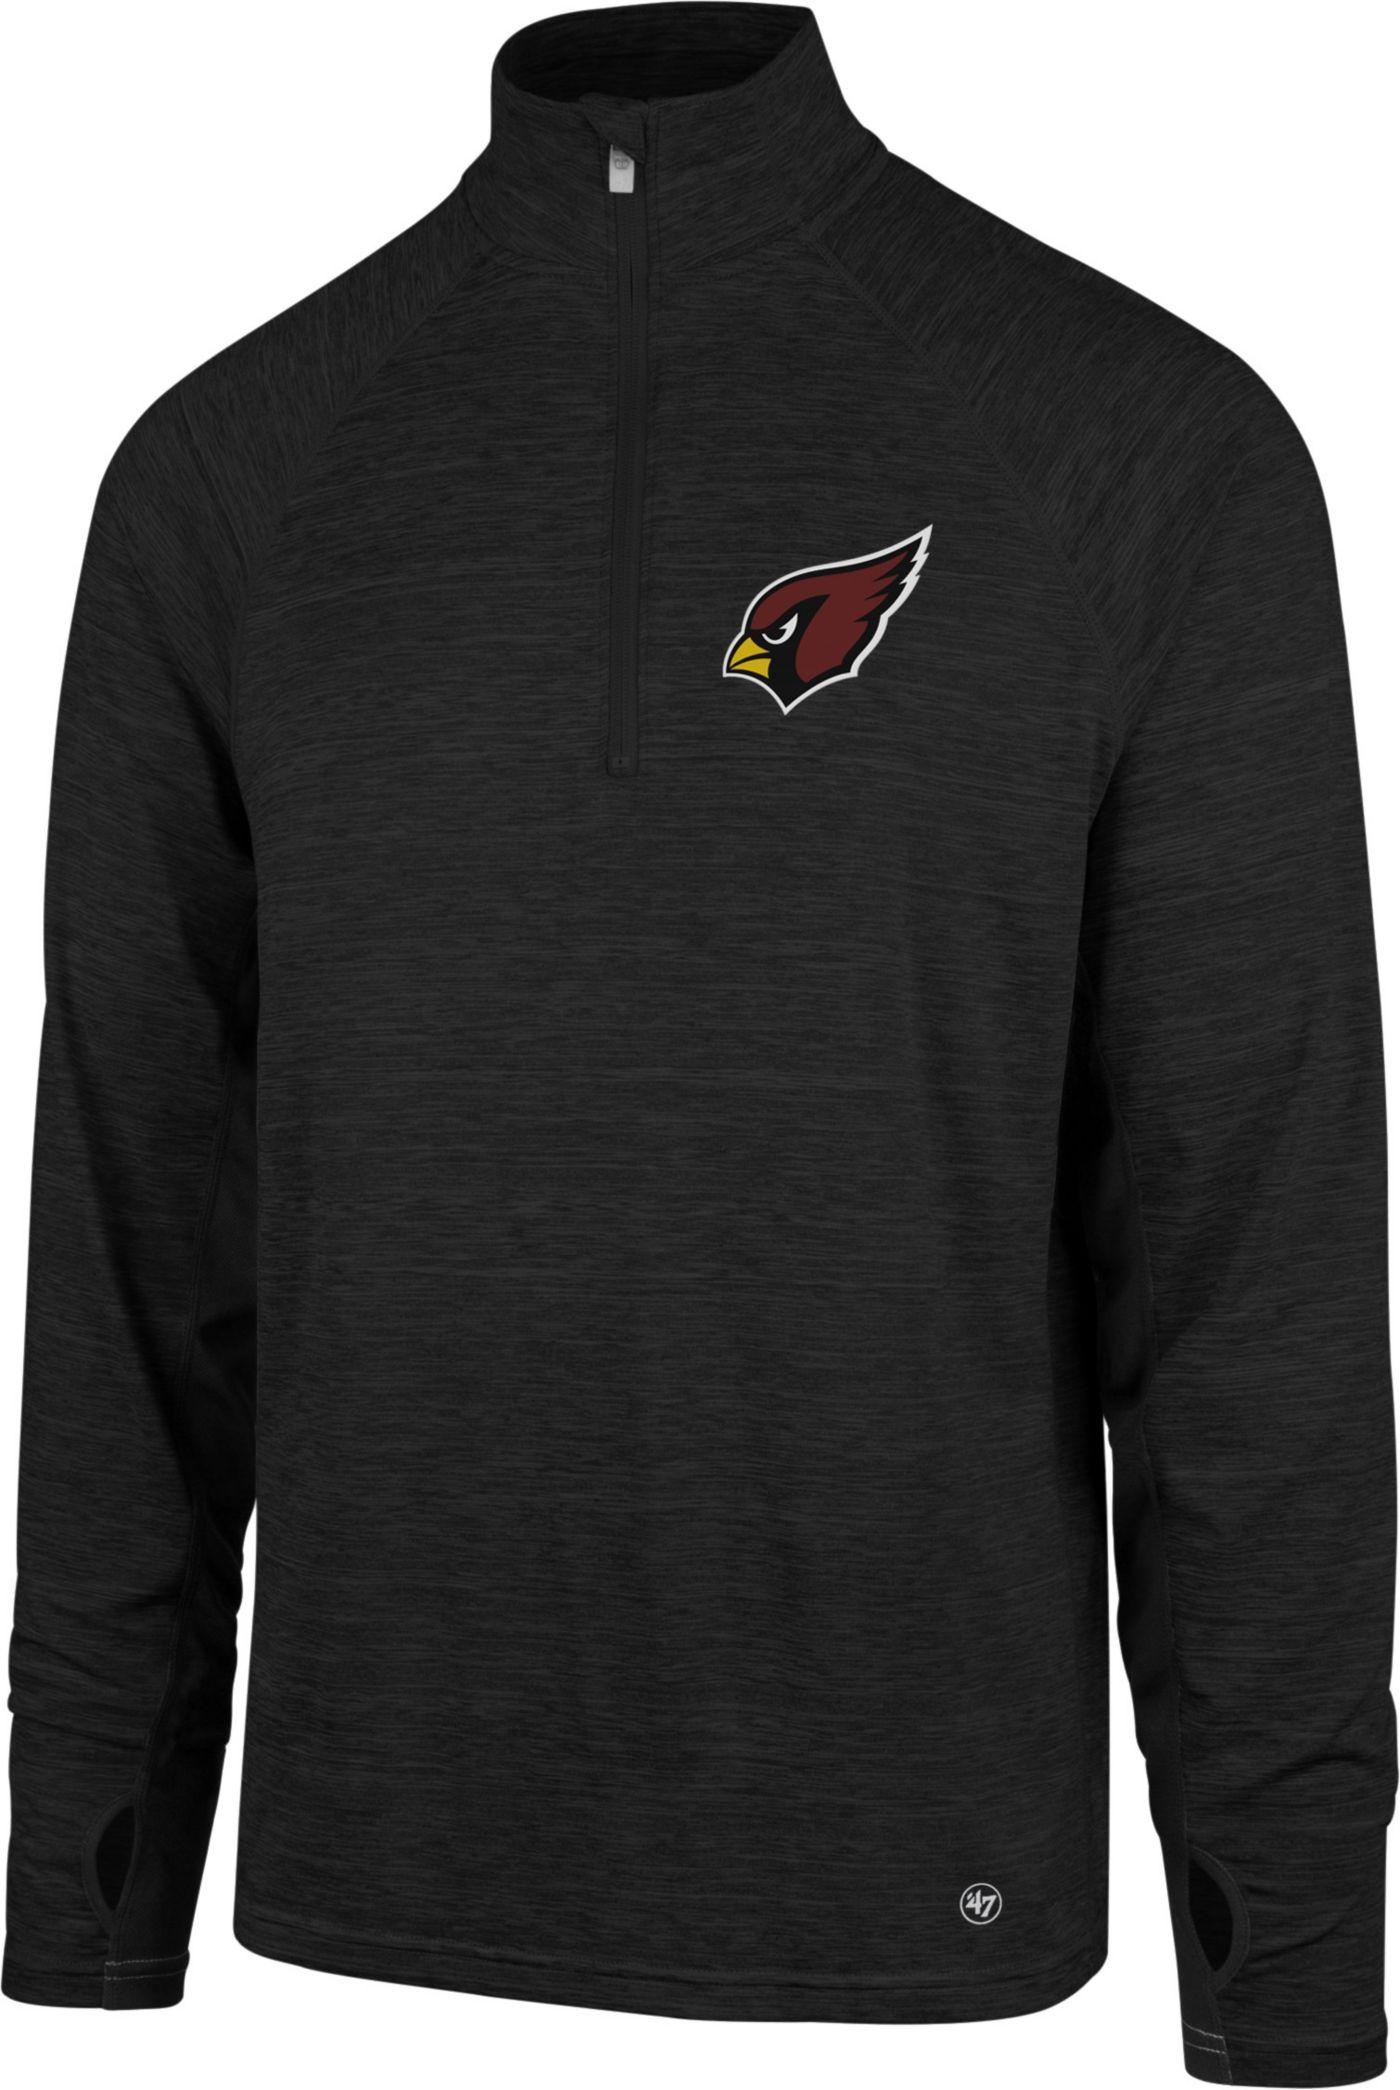 '47 Men's Arizona Cardinals Forward Black Quarter-Zip Pullover